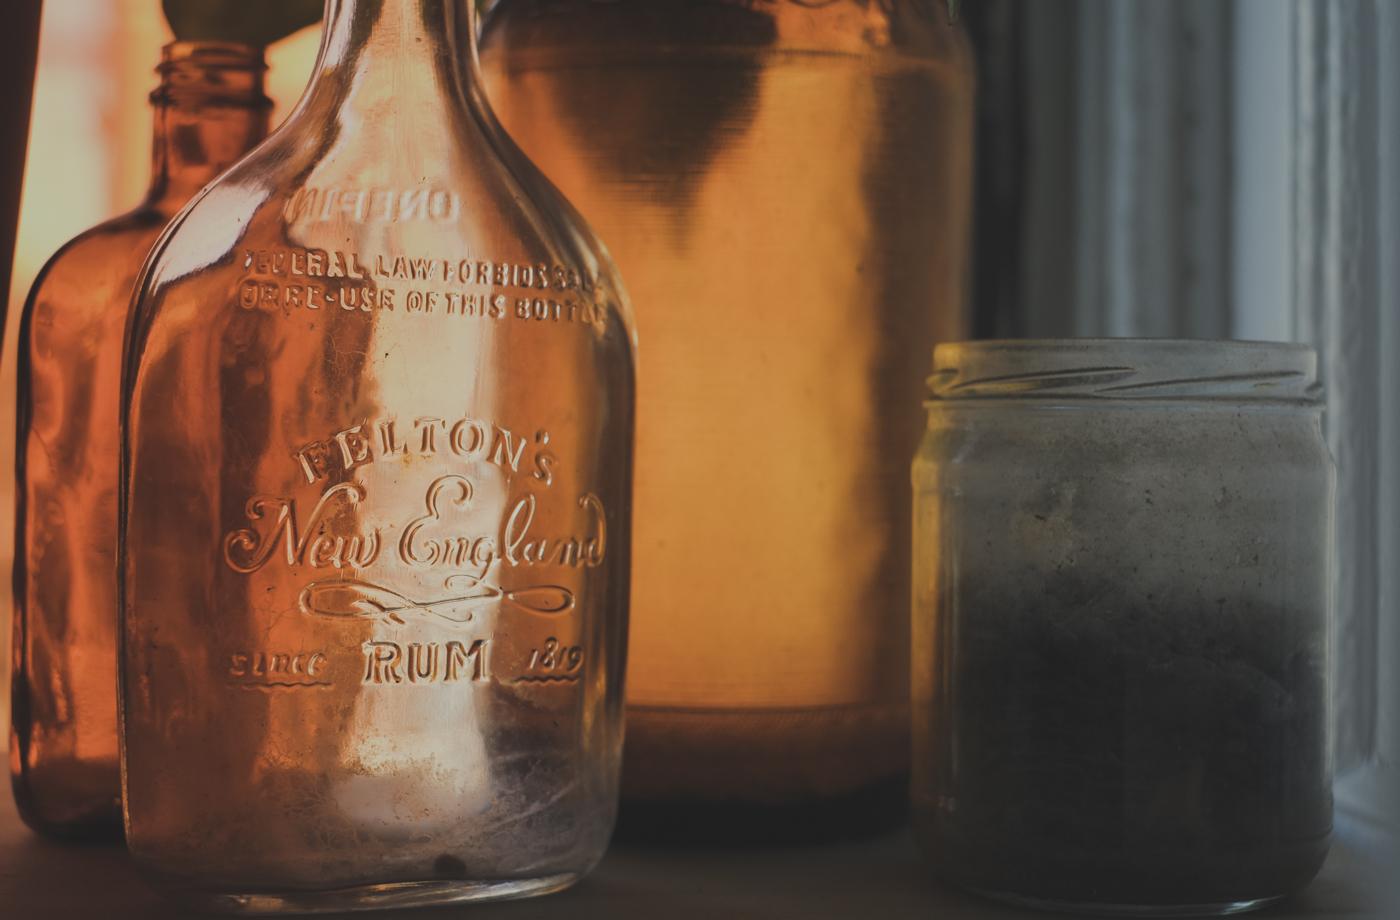 Felton's New England Rum